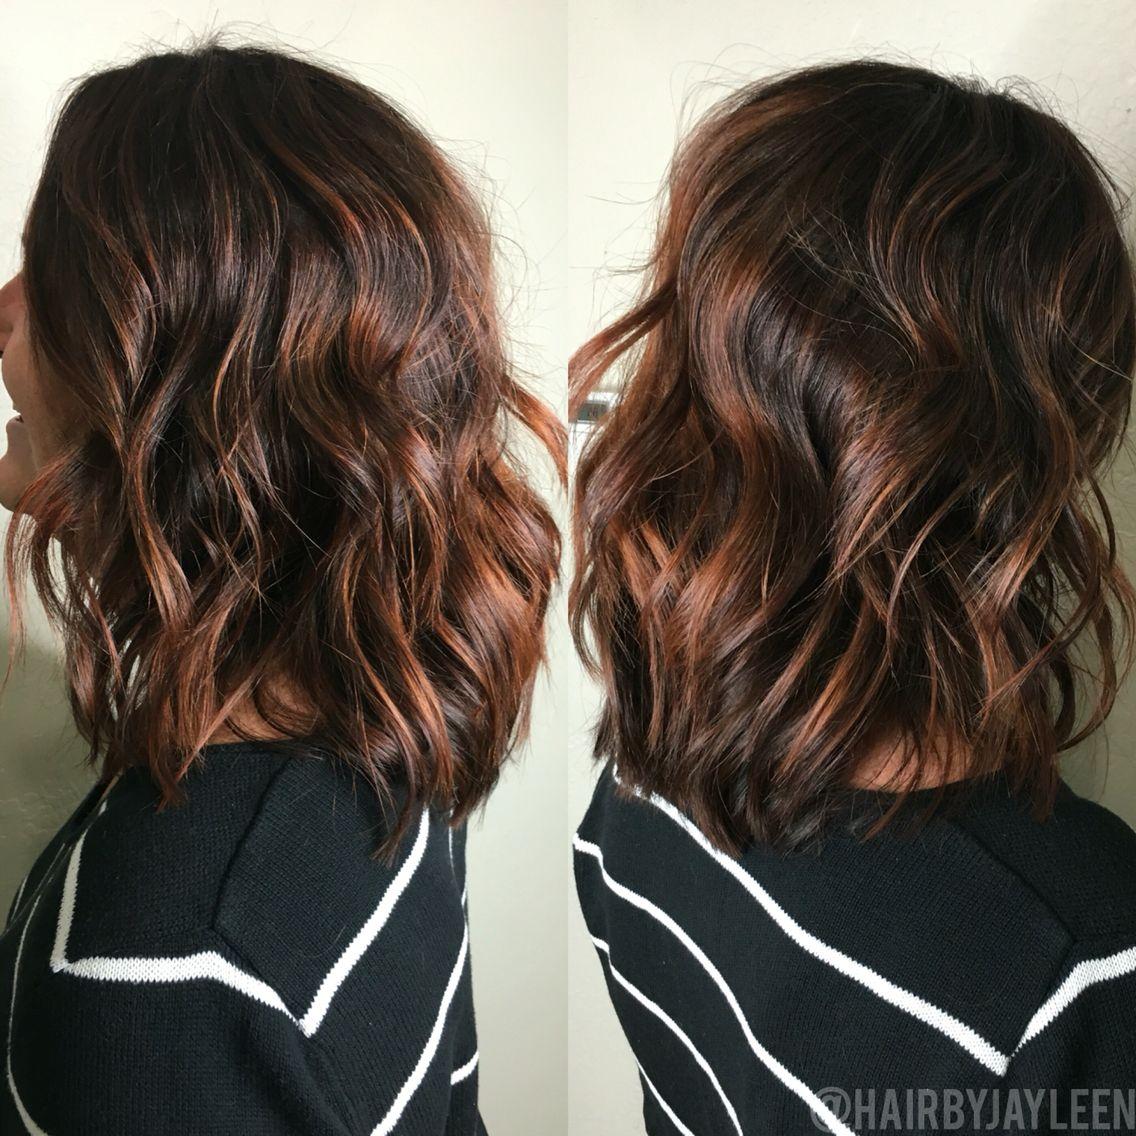 Balayage Brown Hair Balayage Dark Hair Brunette Hair Copper Balayage Lob Short Hairstyles Text Brown Hair Balayage Balayage Hair Dark Short Hair Balayage